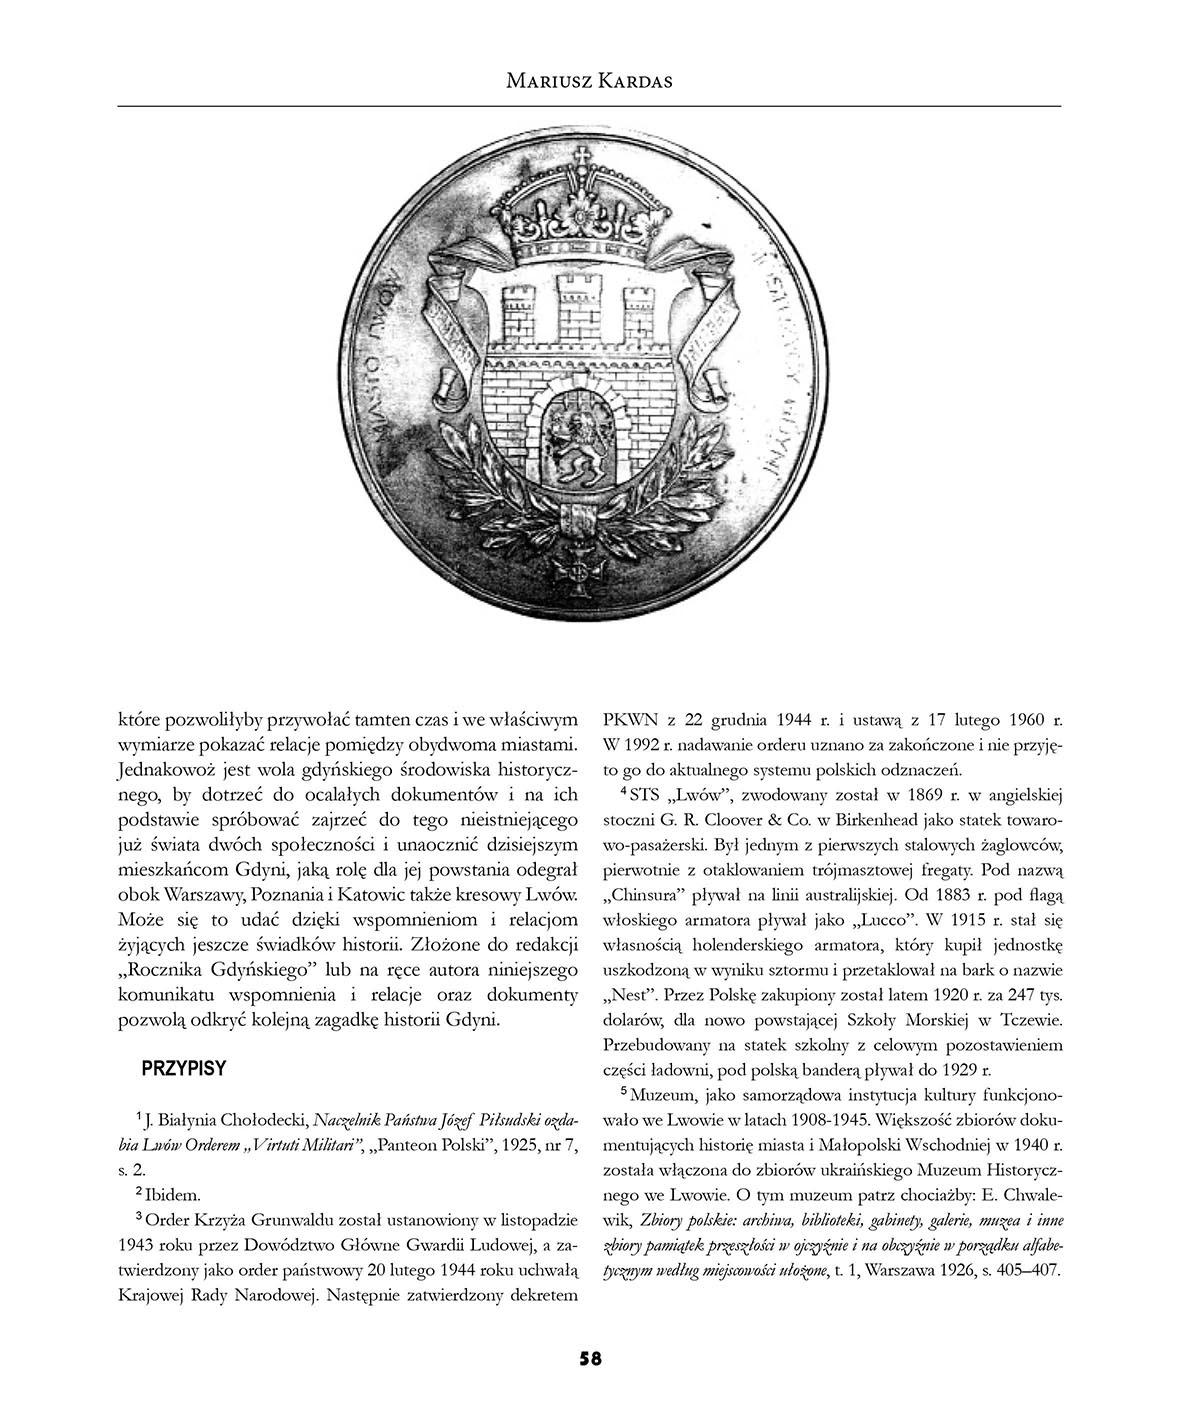 Lwów - Gdynia przedwojenne siostrzyce - komunikat